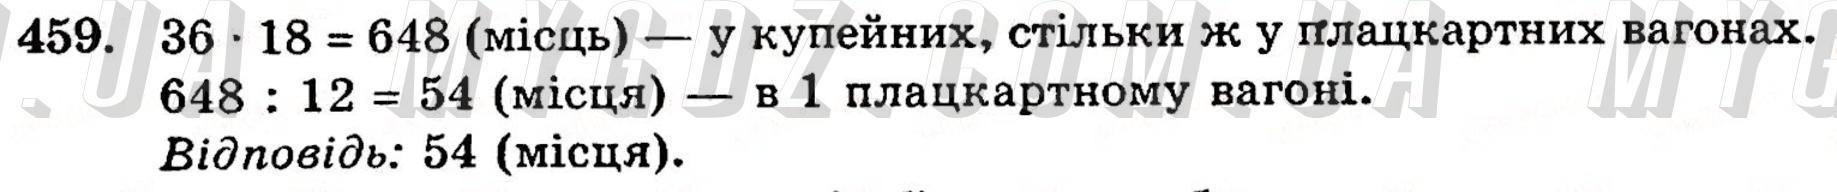 ГДЗ номер 459 до підручника з математики Янченко, Кравчук 5 клас